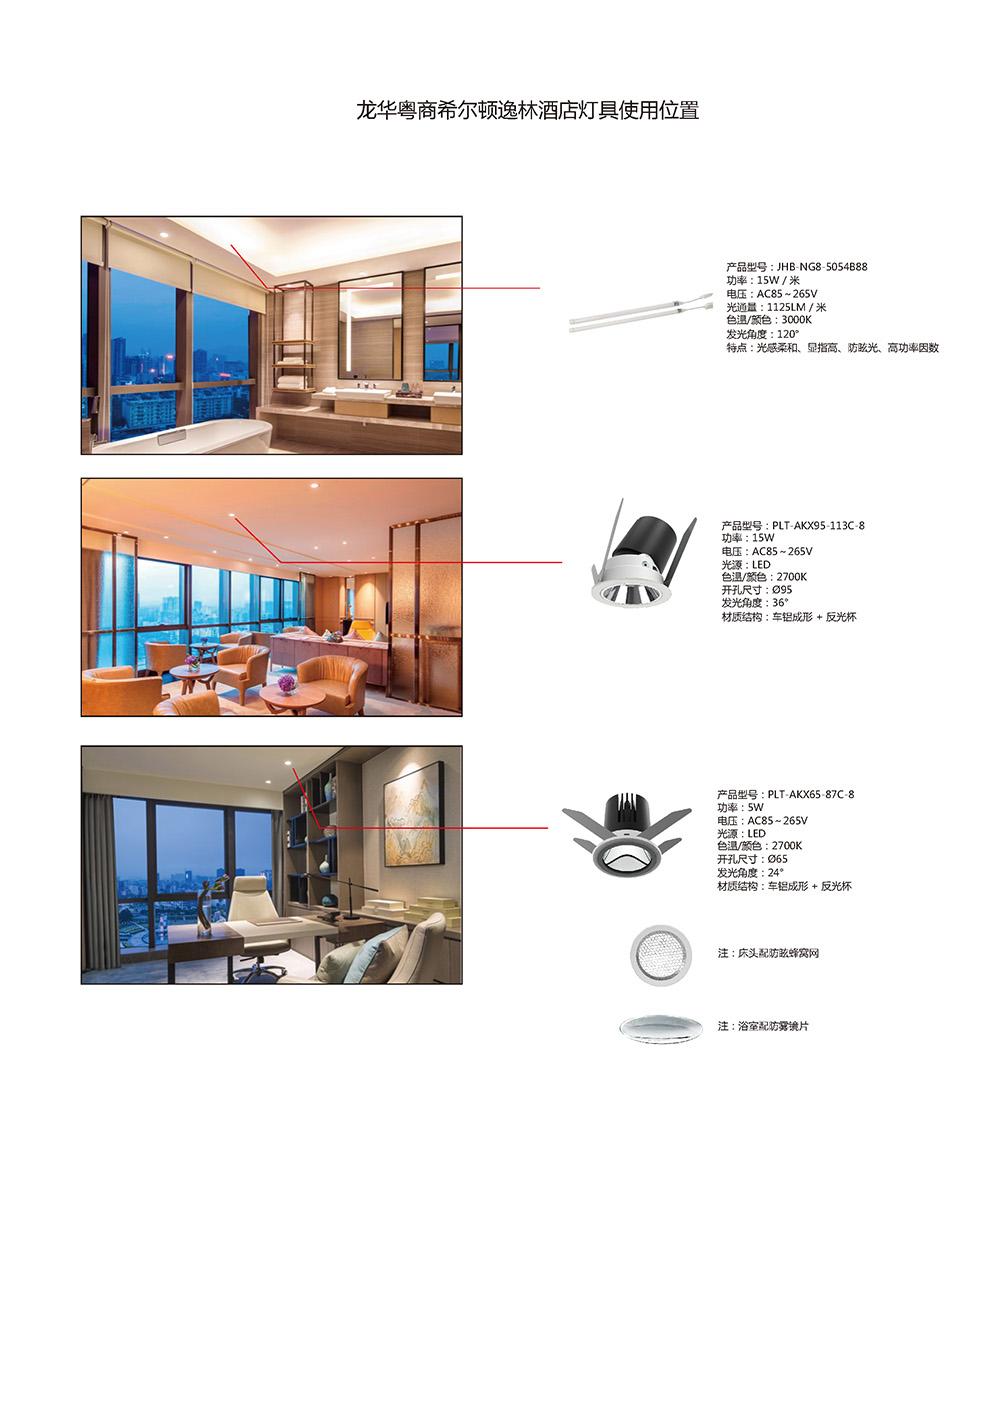 JPEG-6龙华粤商希尔顿逸林酒店